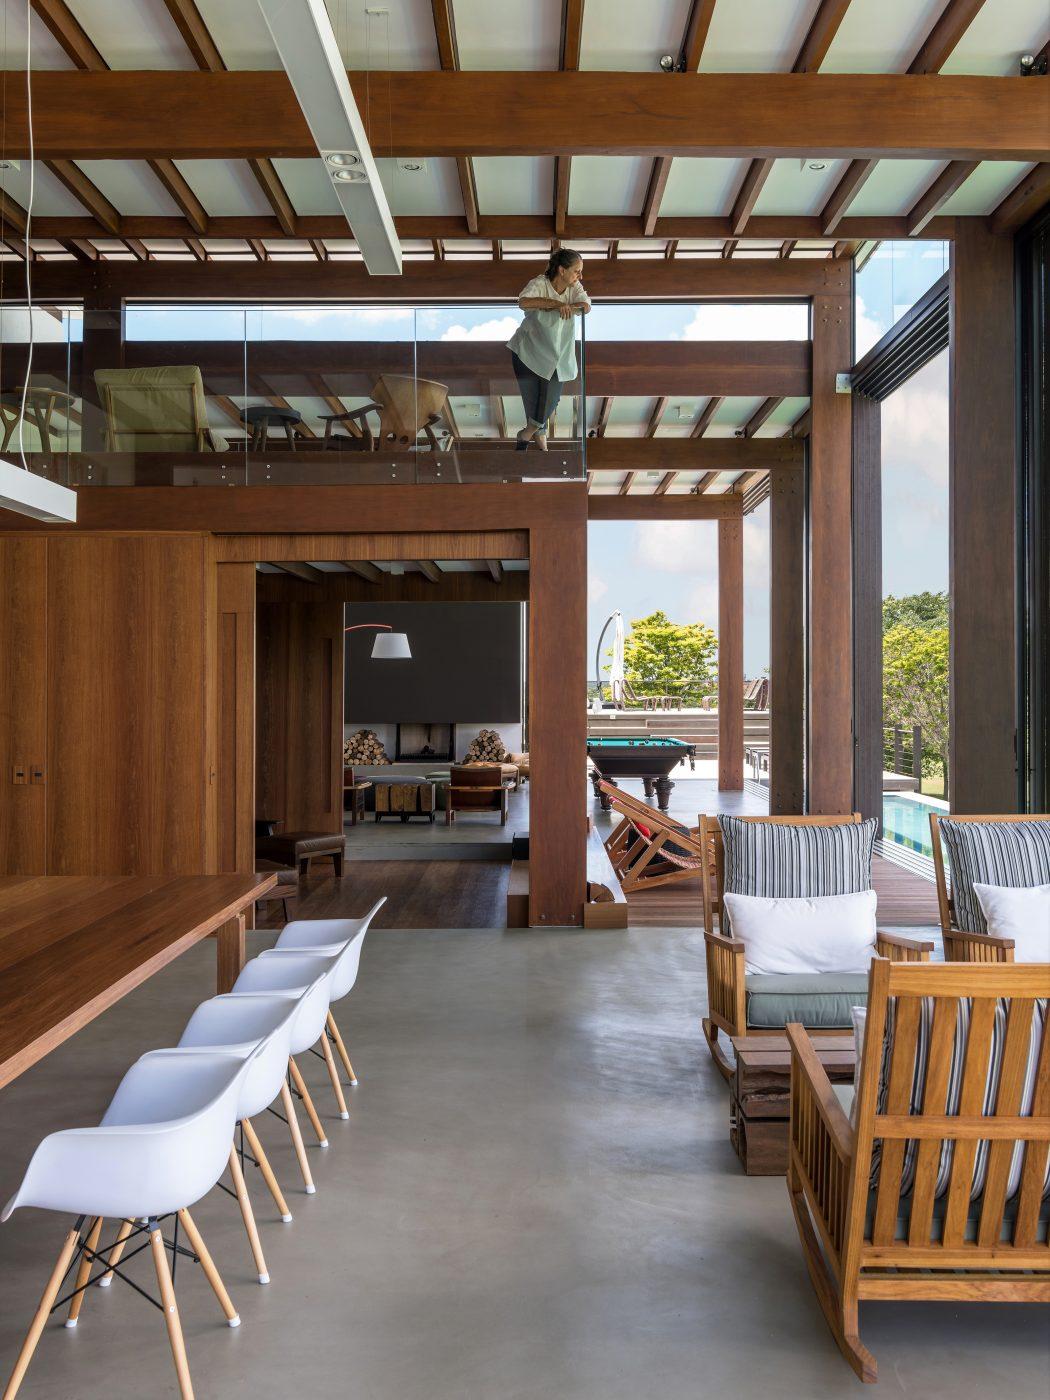 estrutura-em-madeira-de-cumaru-projeto-em-porto-feliz-sao-paulo-por-candida-tabet